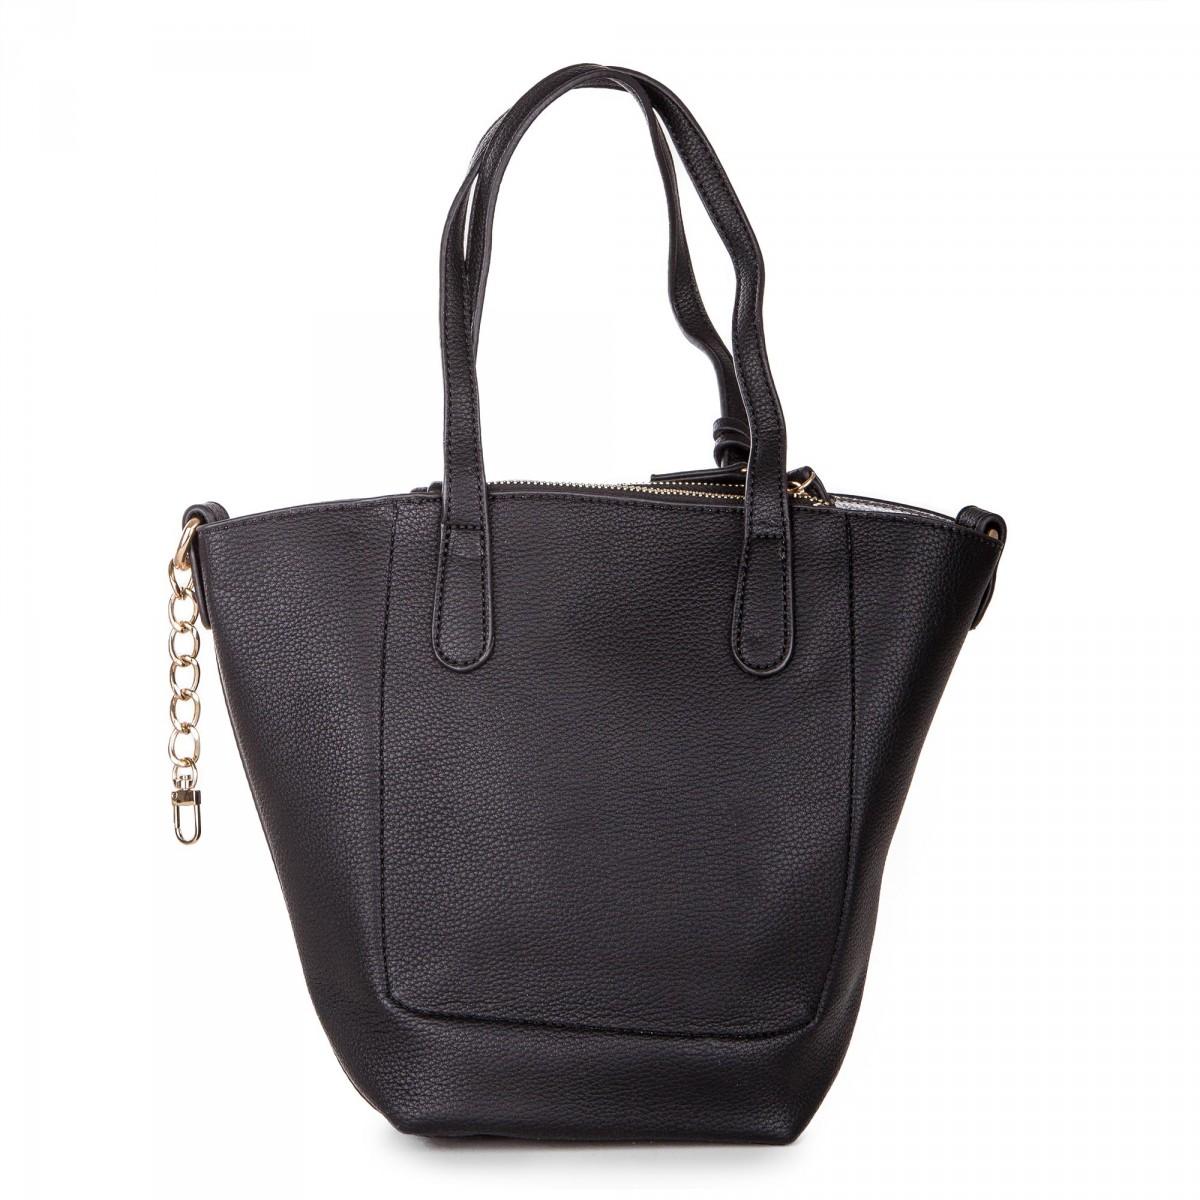 sac petit format noir femme us polo prix d griff. Black Bedroom Furniture Sets. Home Design Ideas